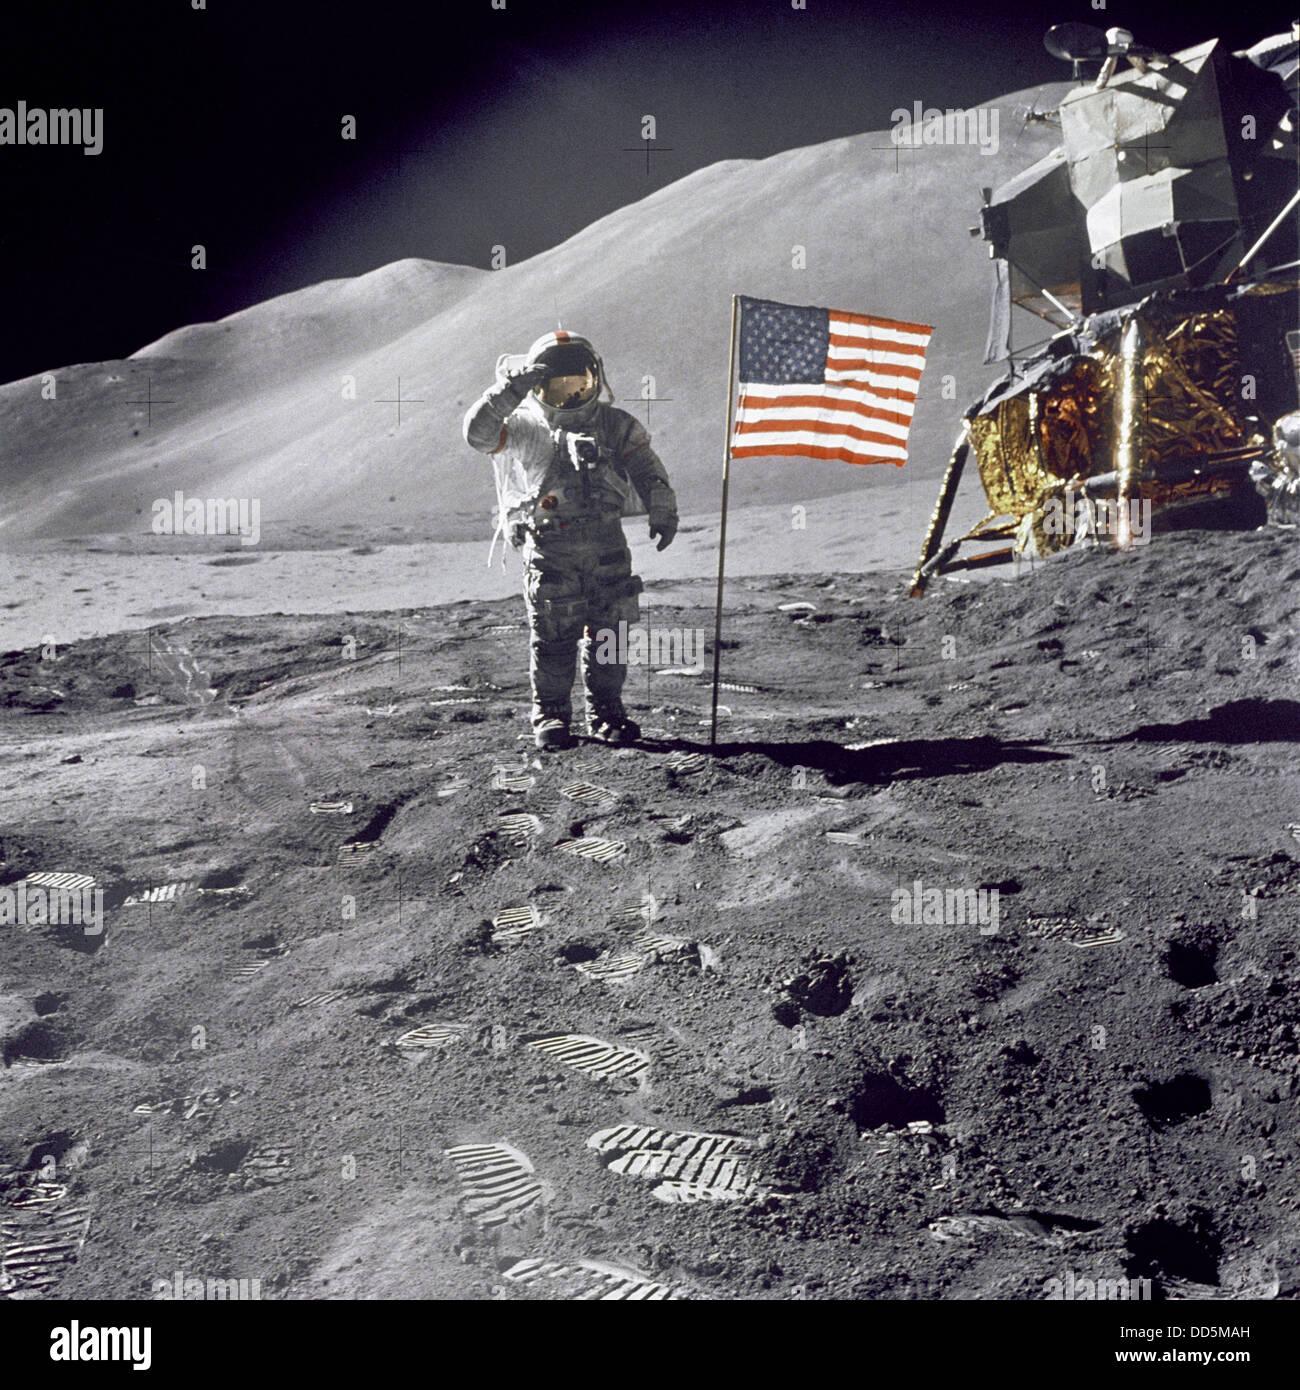 Man on the moon. Astronaut walking on moon from Apollo 11 ...